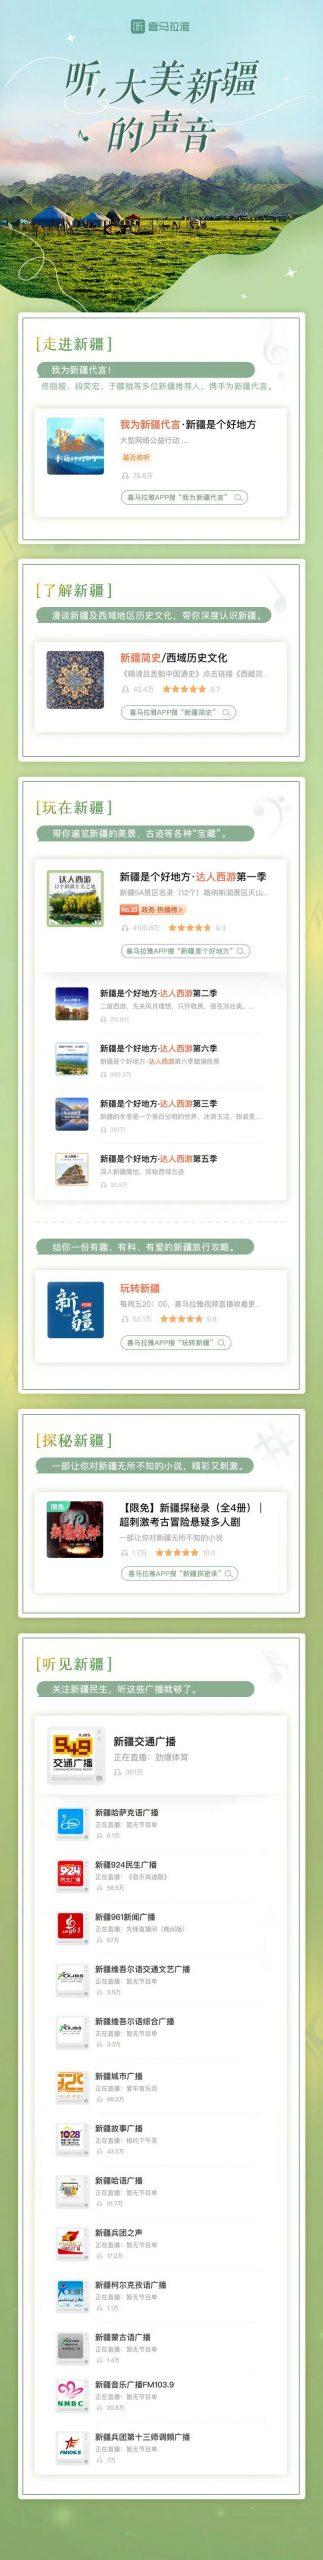 借势支持新疆棉花文案!国产品牌文案欣赏:新疆棉在身,中国情在心!插图10